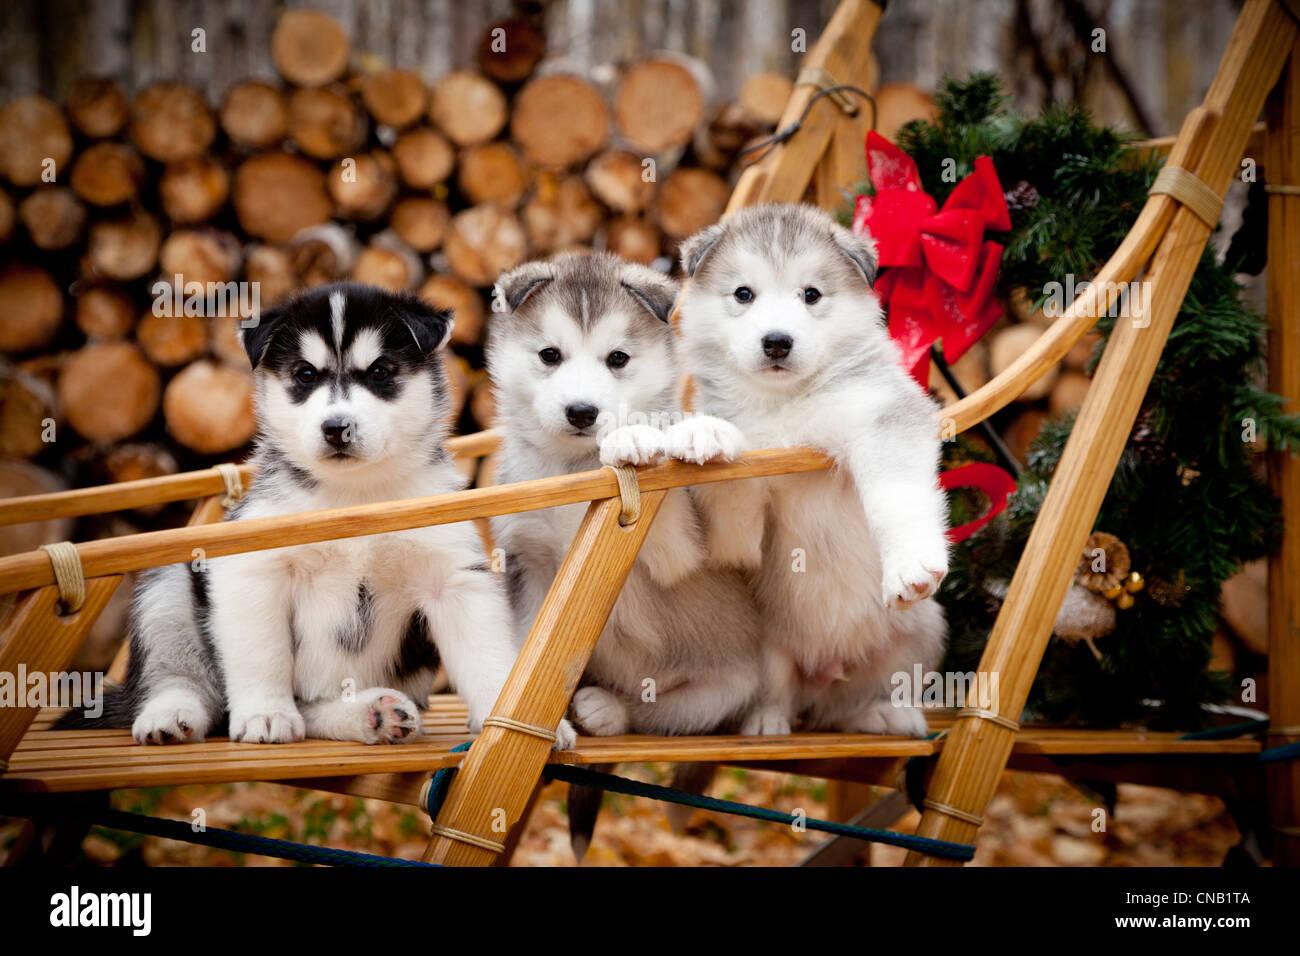 Husky Siberiano cachorros en perros de trineo de madera tradicionales con Navidad, Alaska Foto de stock